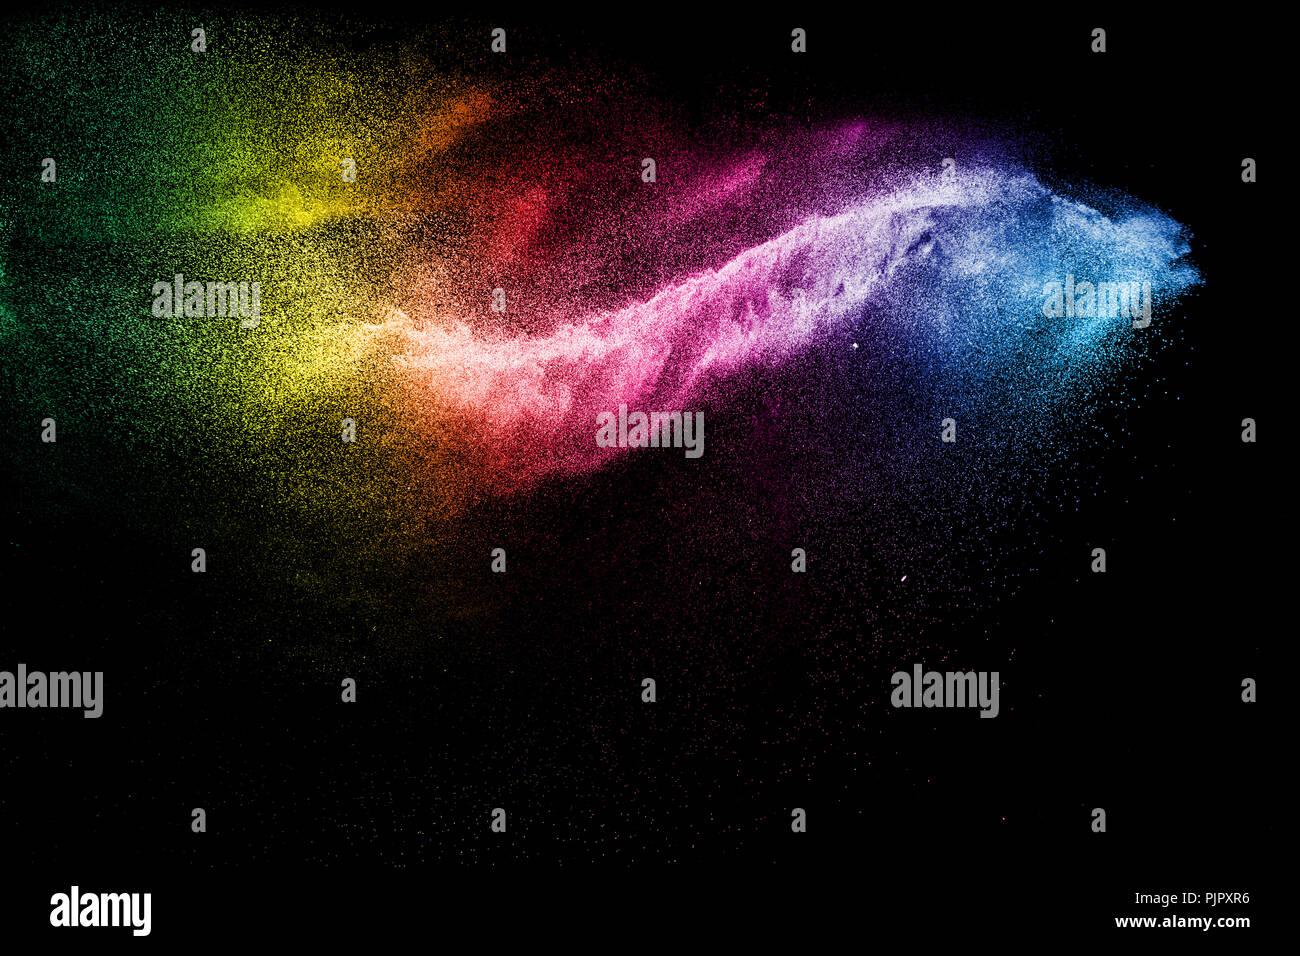 Congelar el movimiento de partículas de polvo de color sobre fondo negro.Color Powder abstracta superposición de texturas. Foto de stock